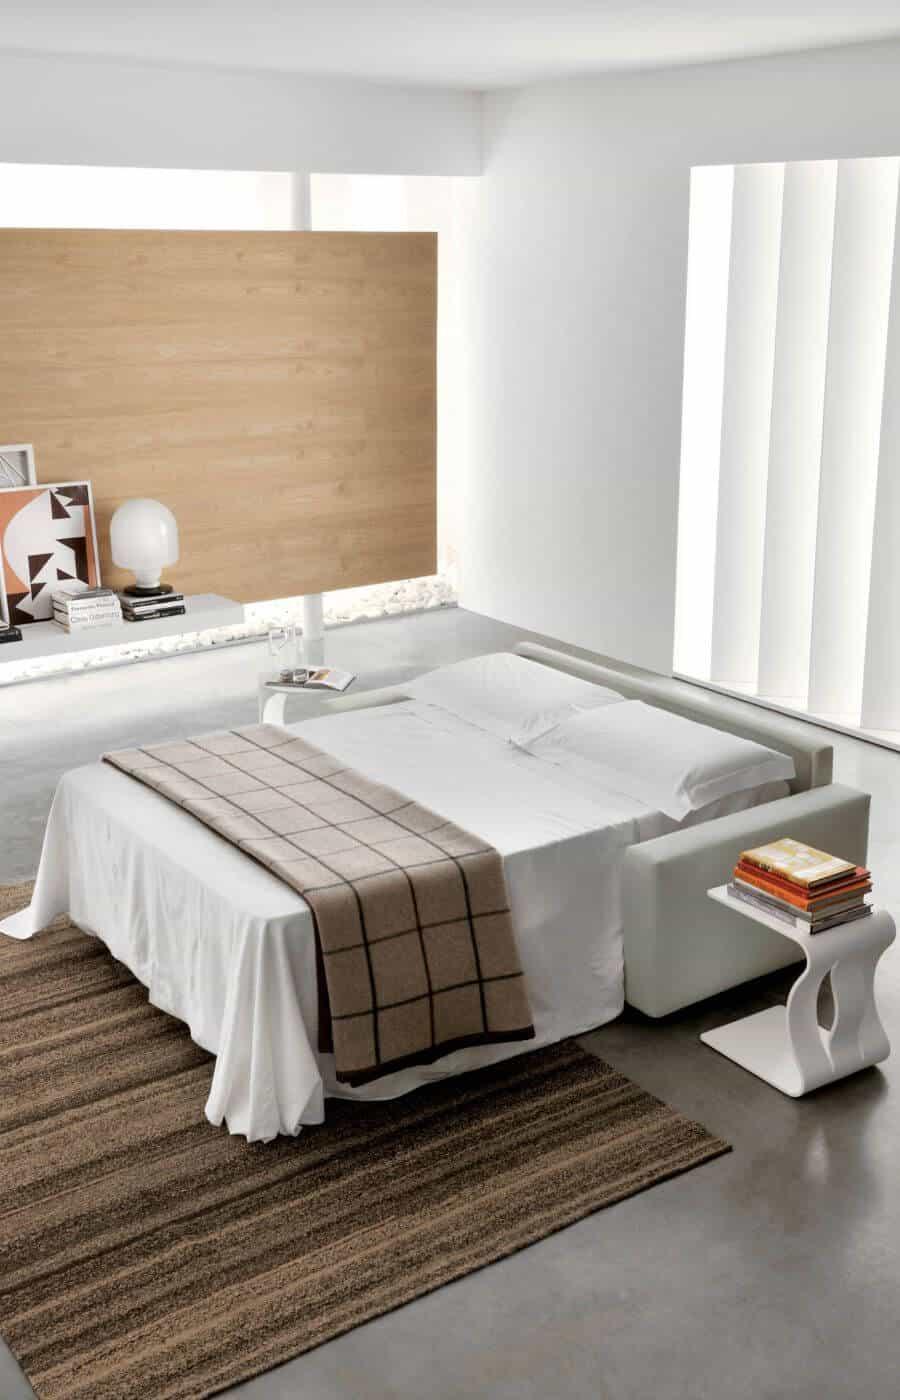 divani-letto-collezione-laguna-il-mobile (2)